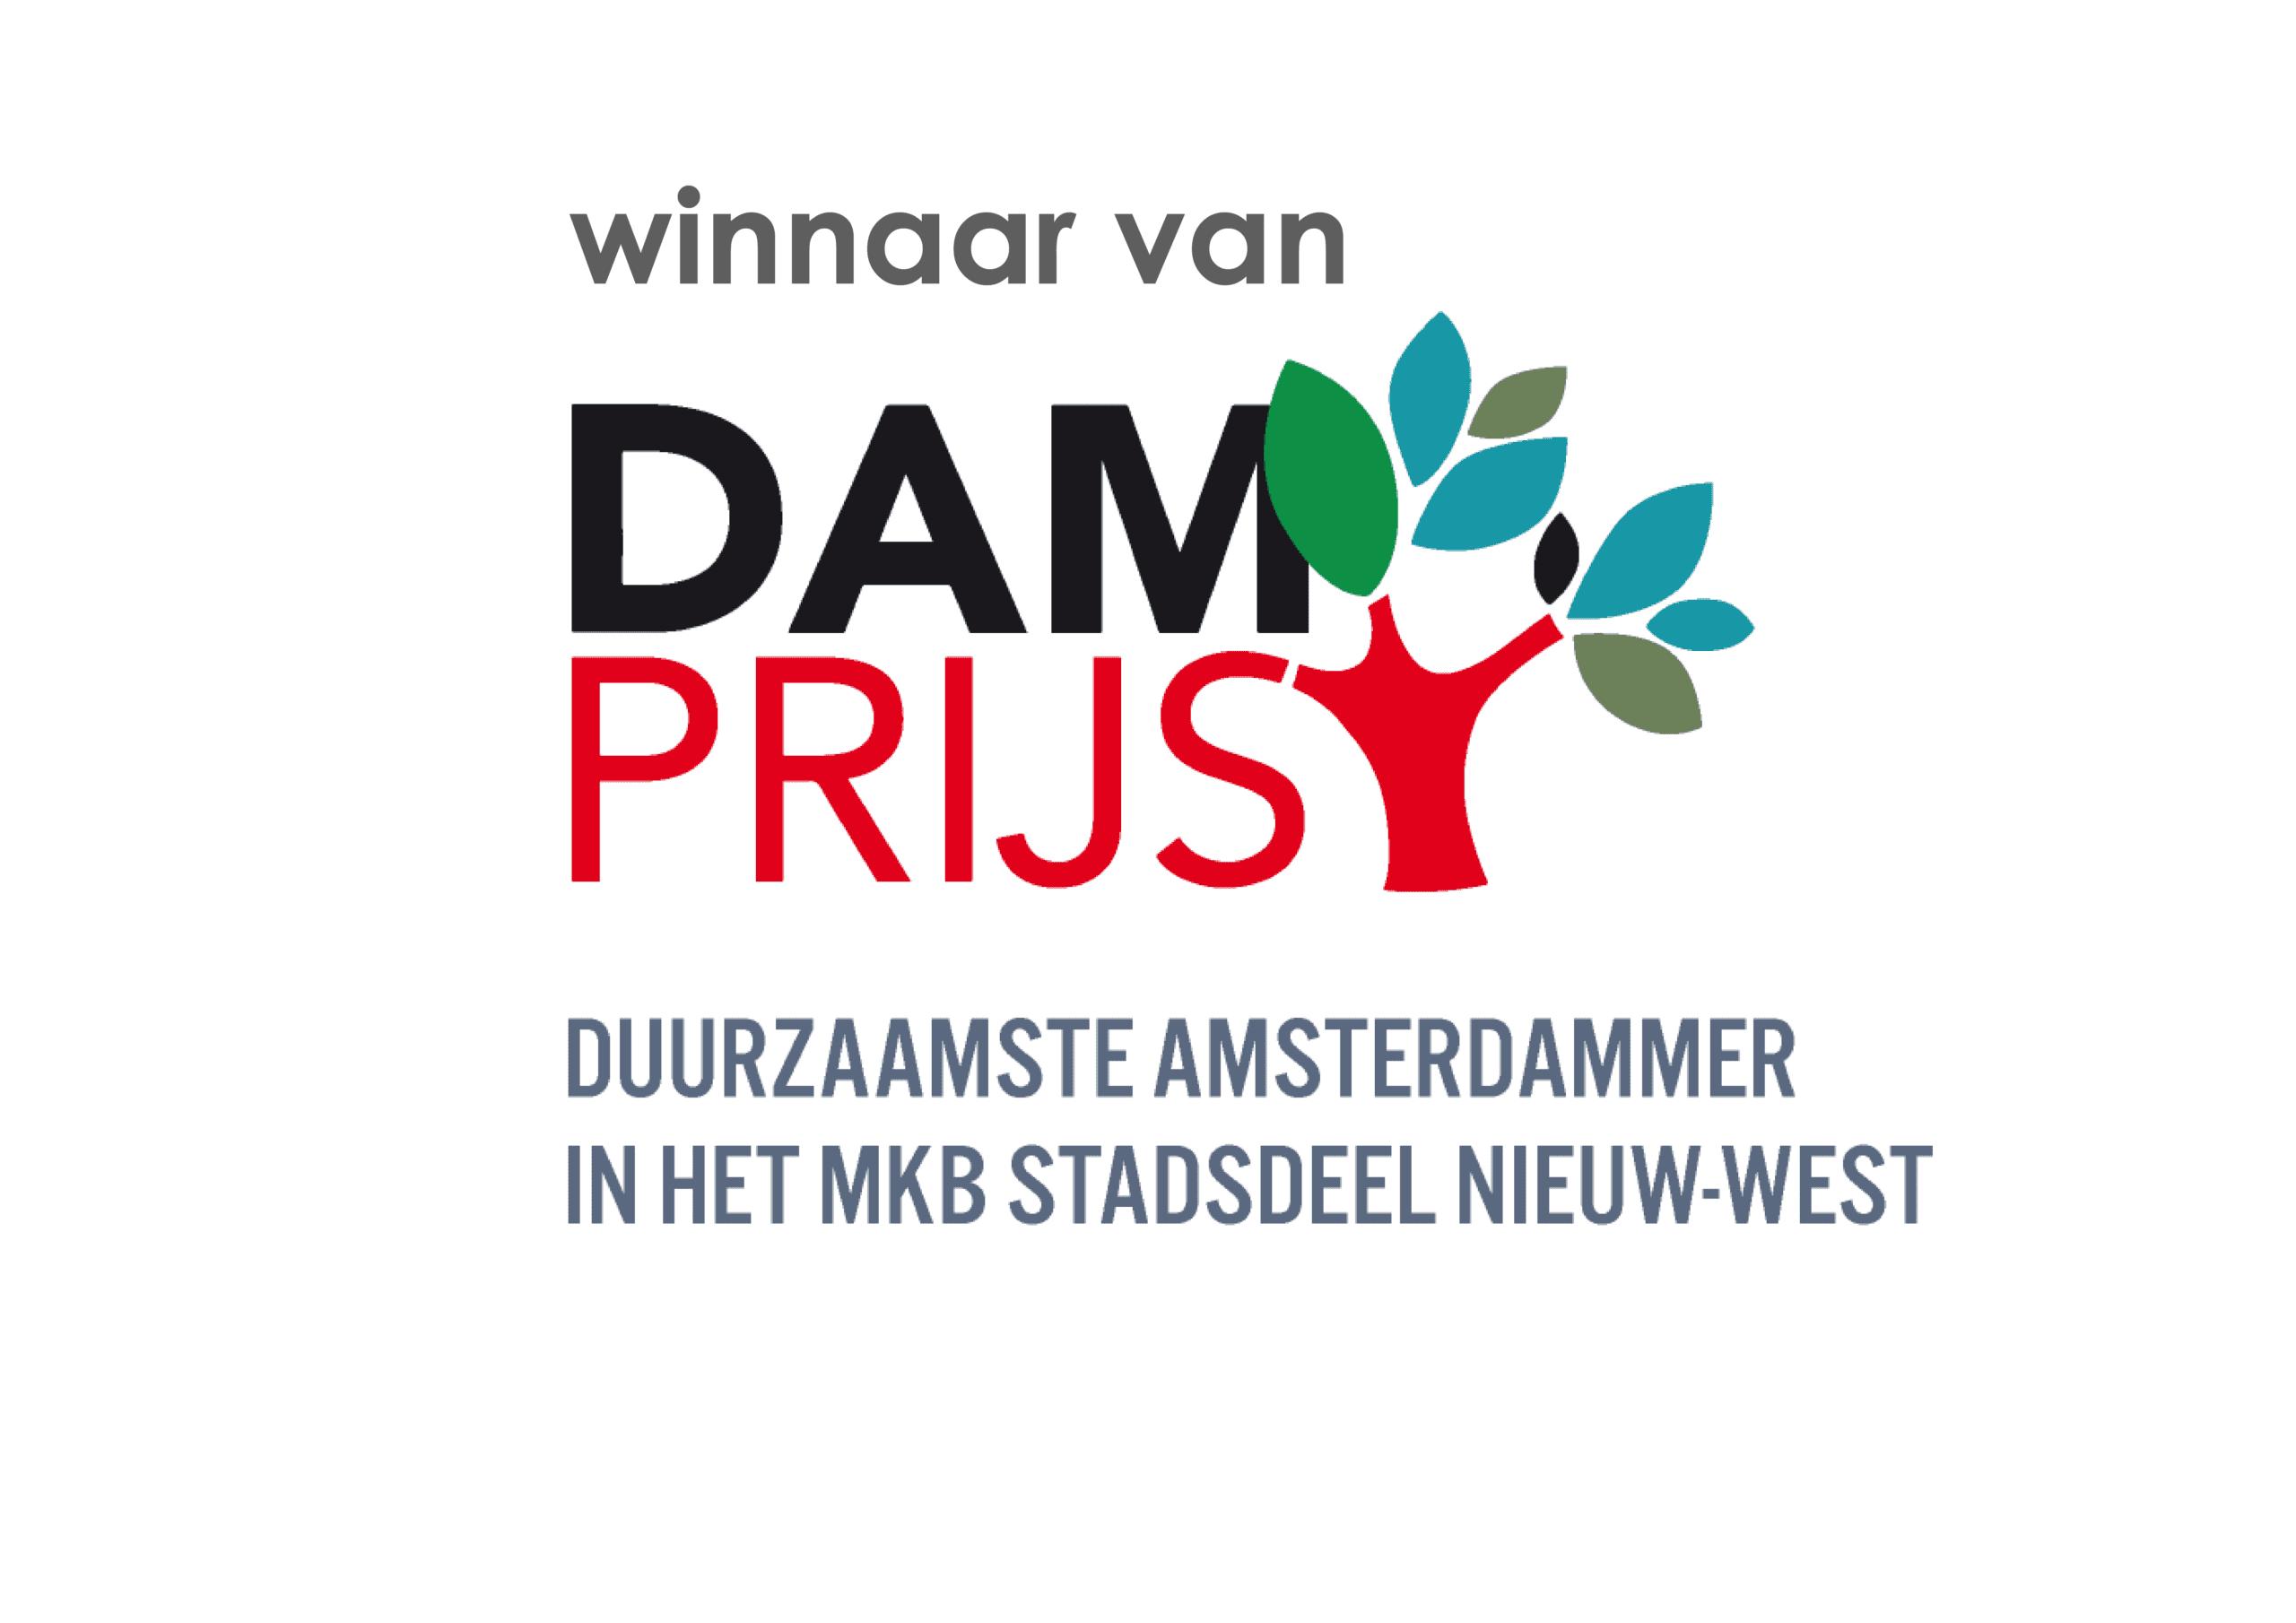 Branding A Better World is winnaar van Dam Prijs - Duurzaamste Amsterdammer in het MKB stadsdeel Nieuw-West